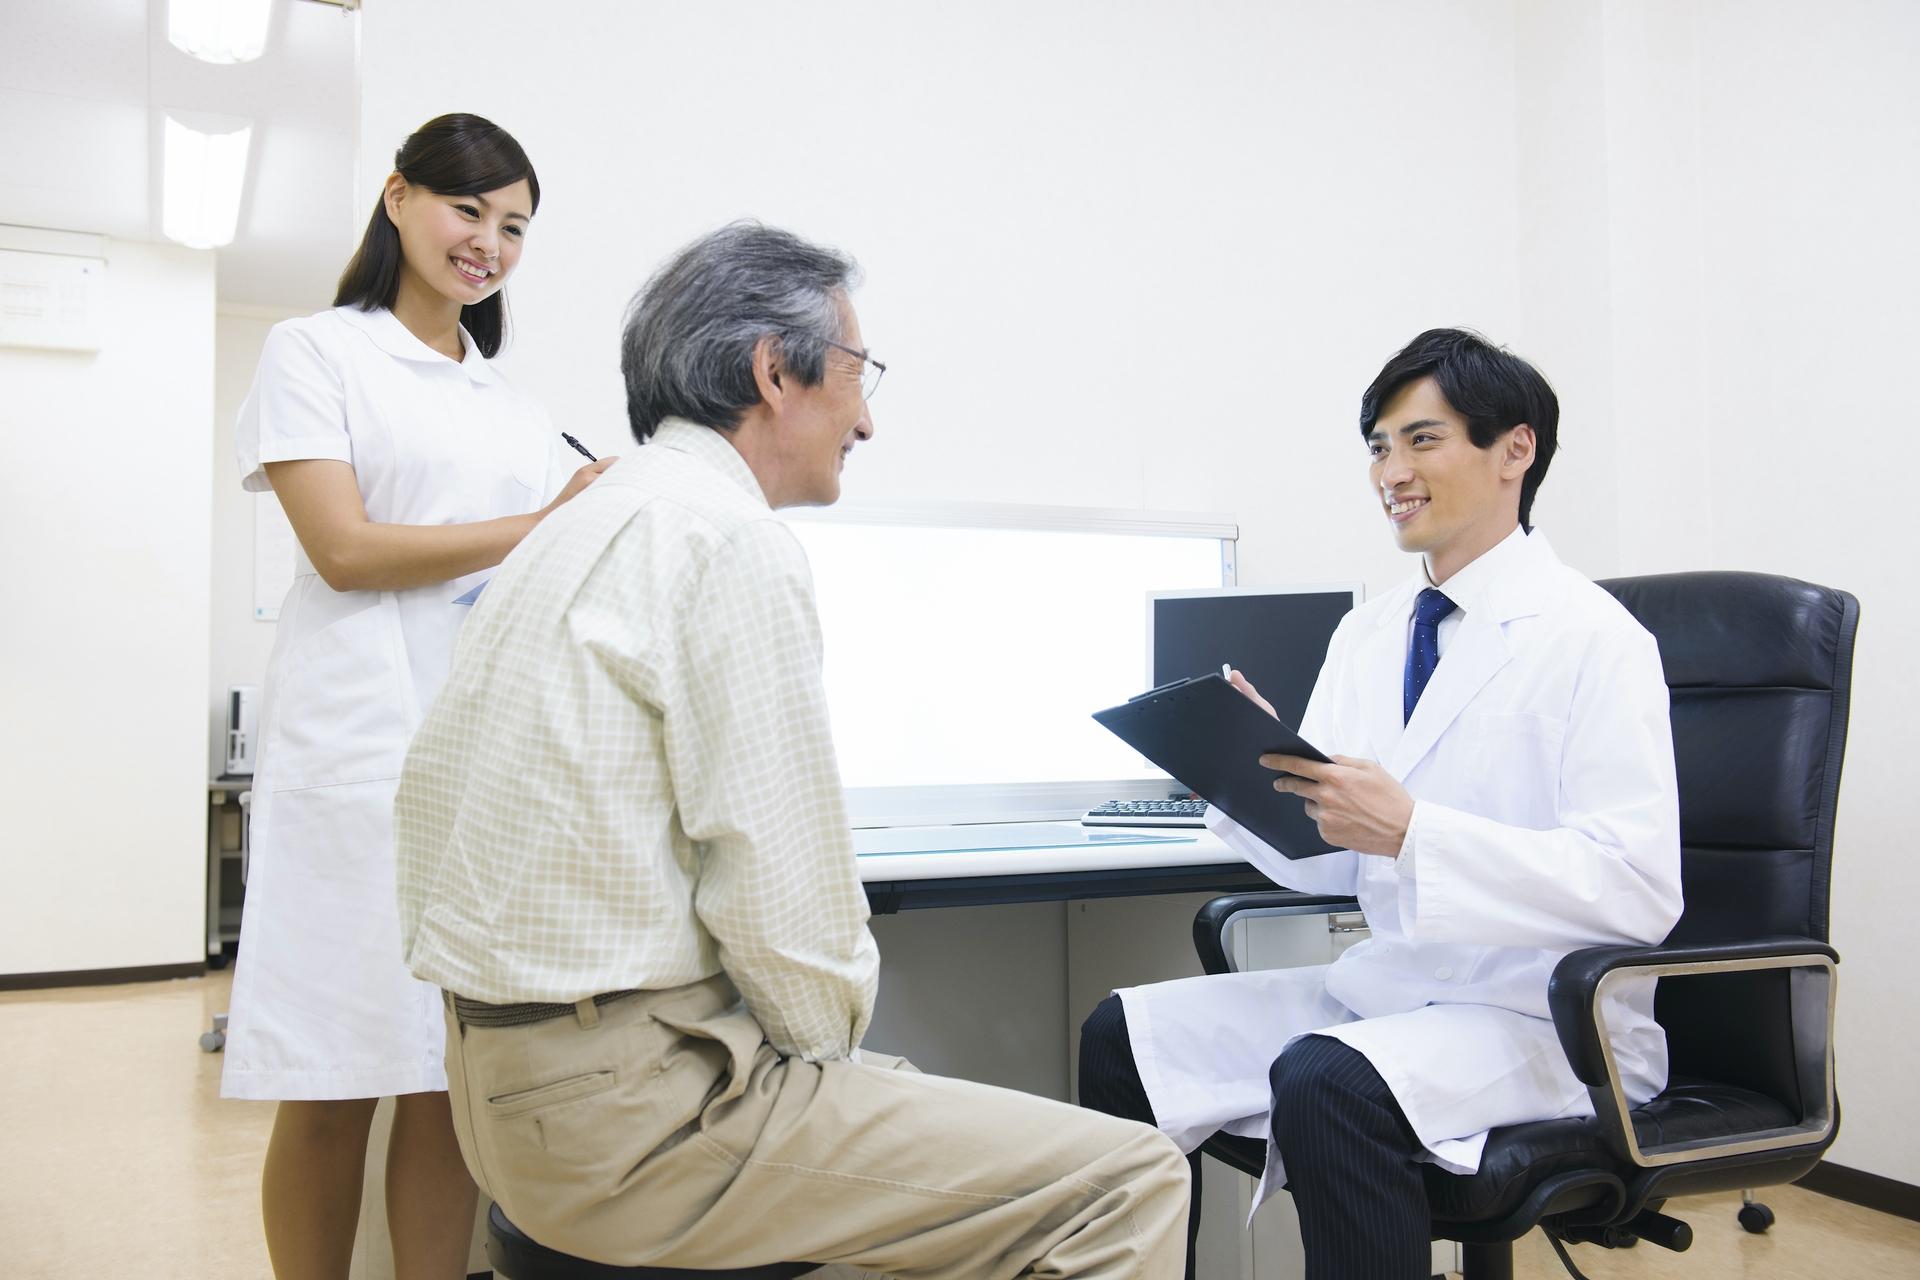 將日本高齡化照護的理想落實在亞洲健康智慧園區。